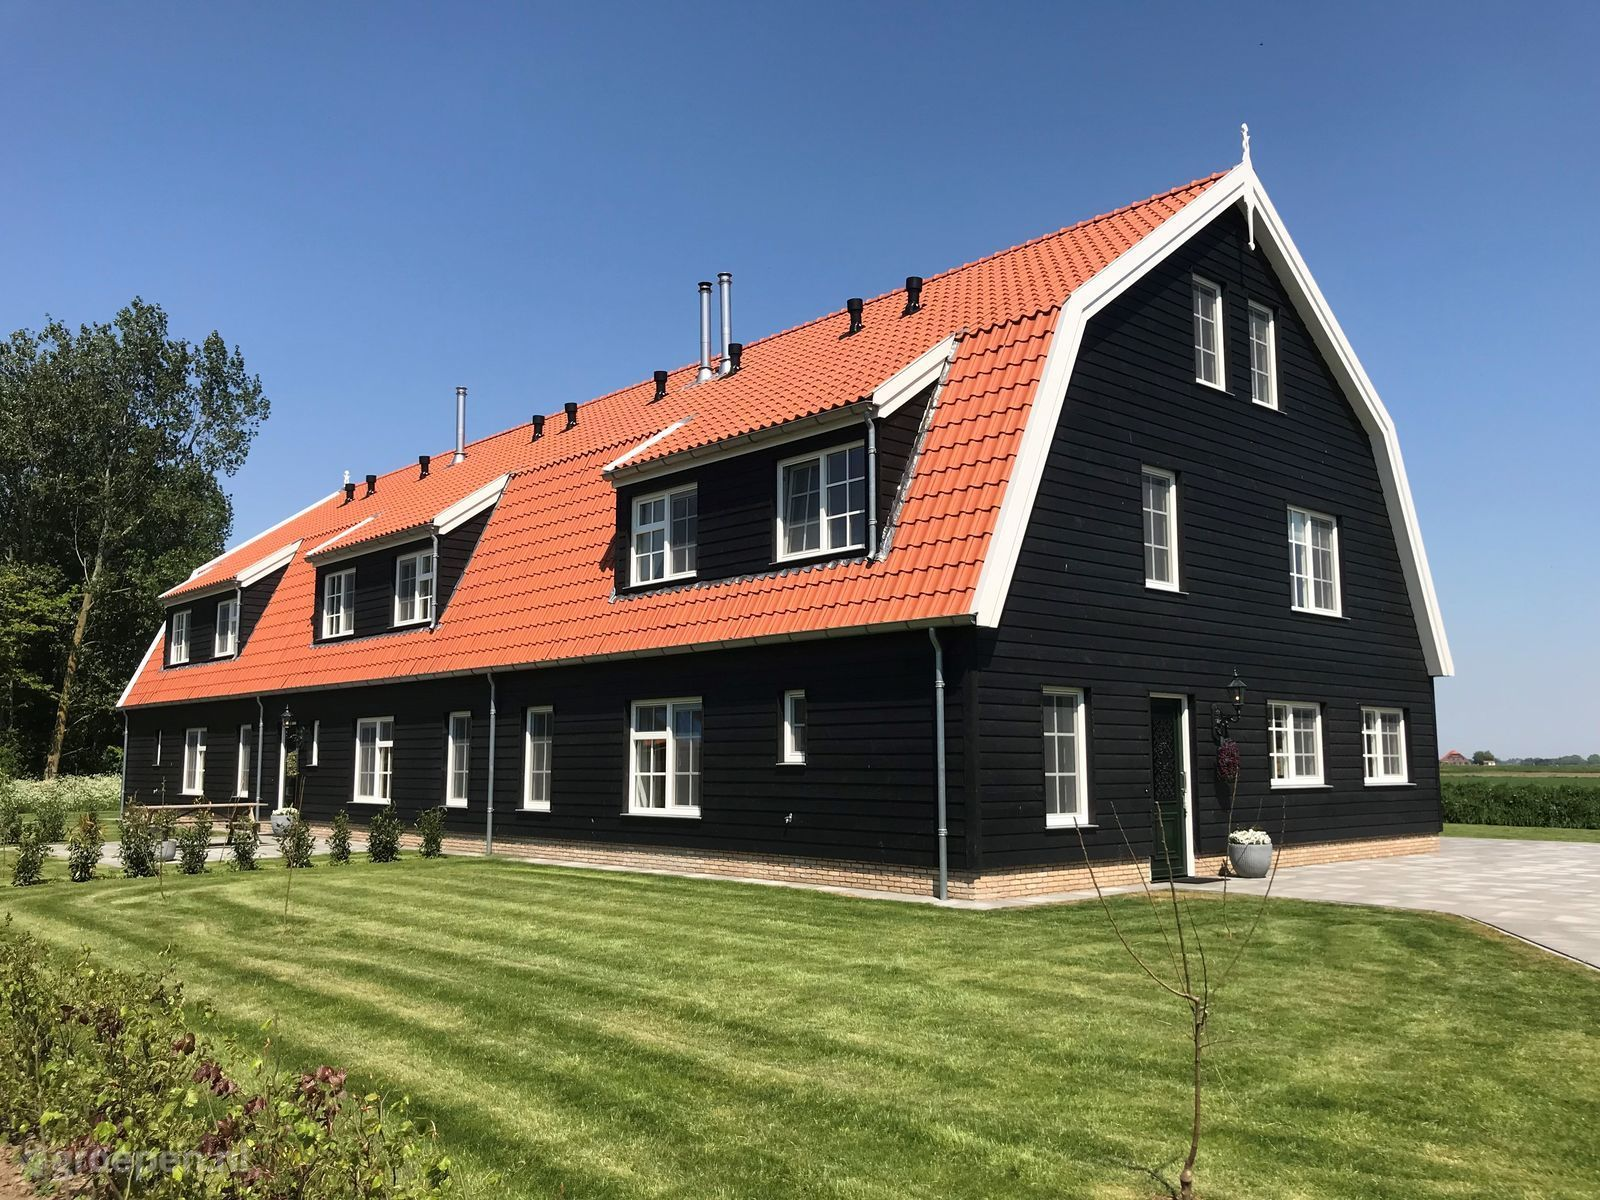 Vakantievilla Den Burg